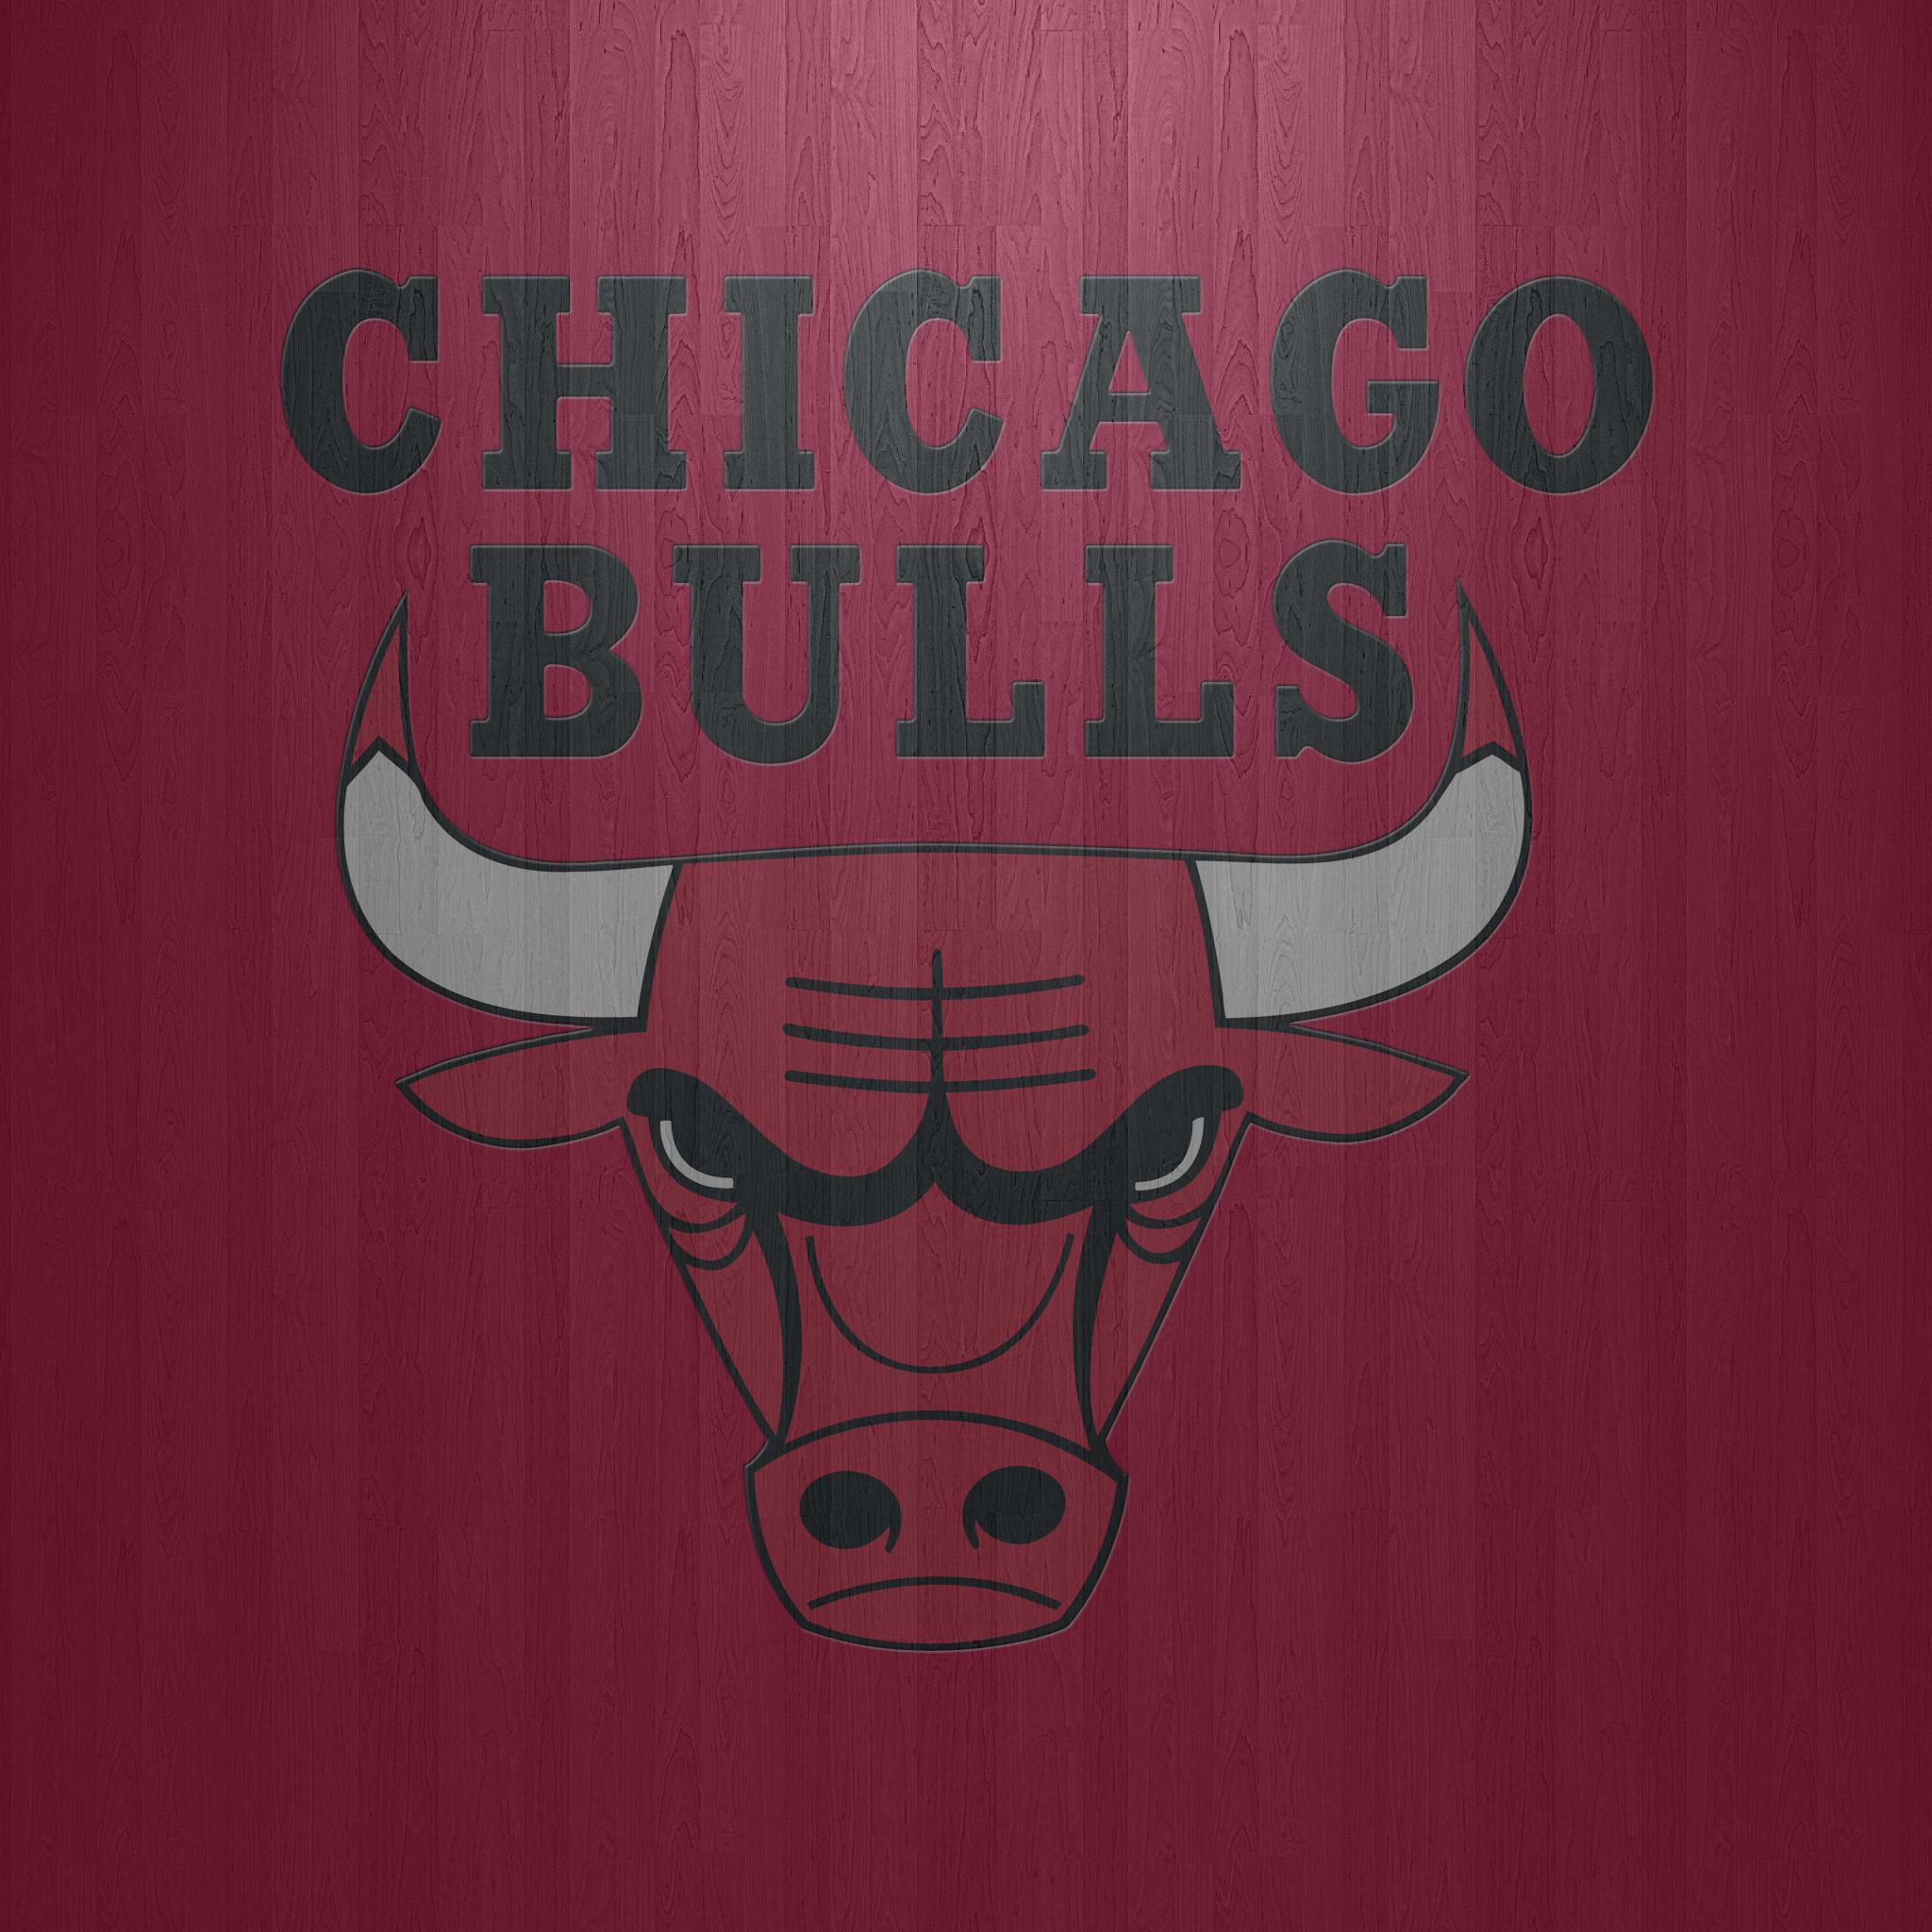 chicago bulls iphone wallpaper wallpapersafari